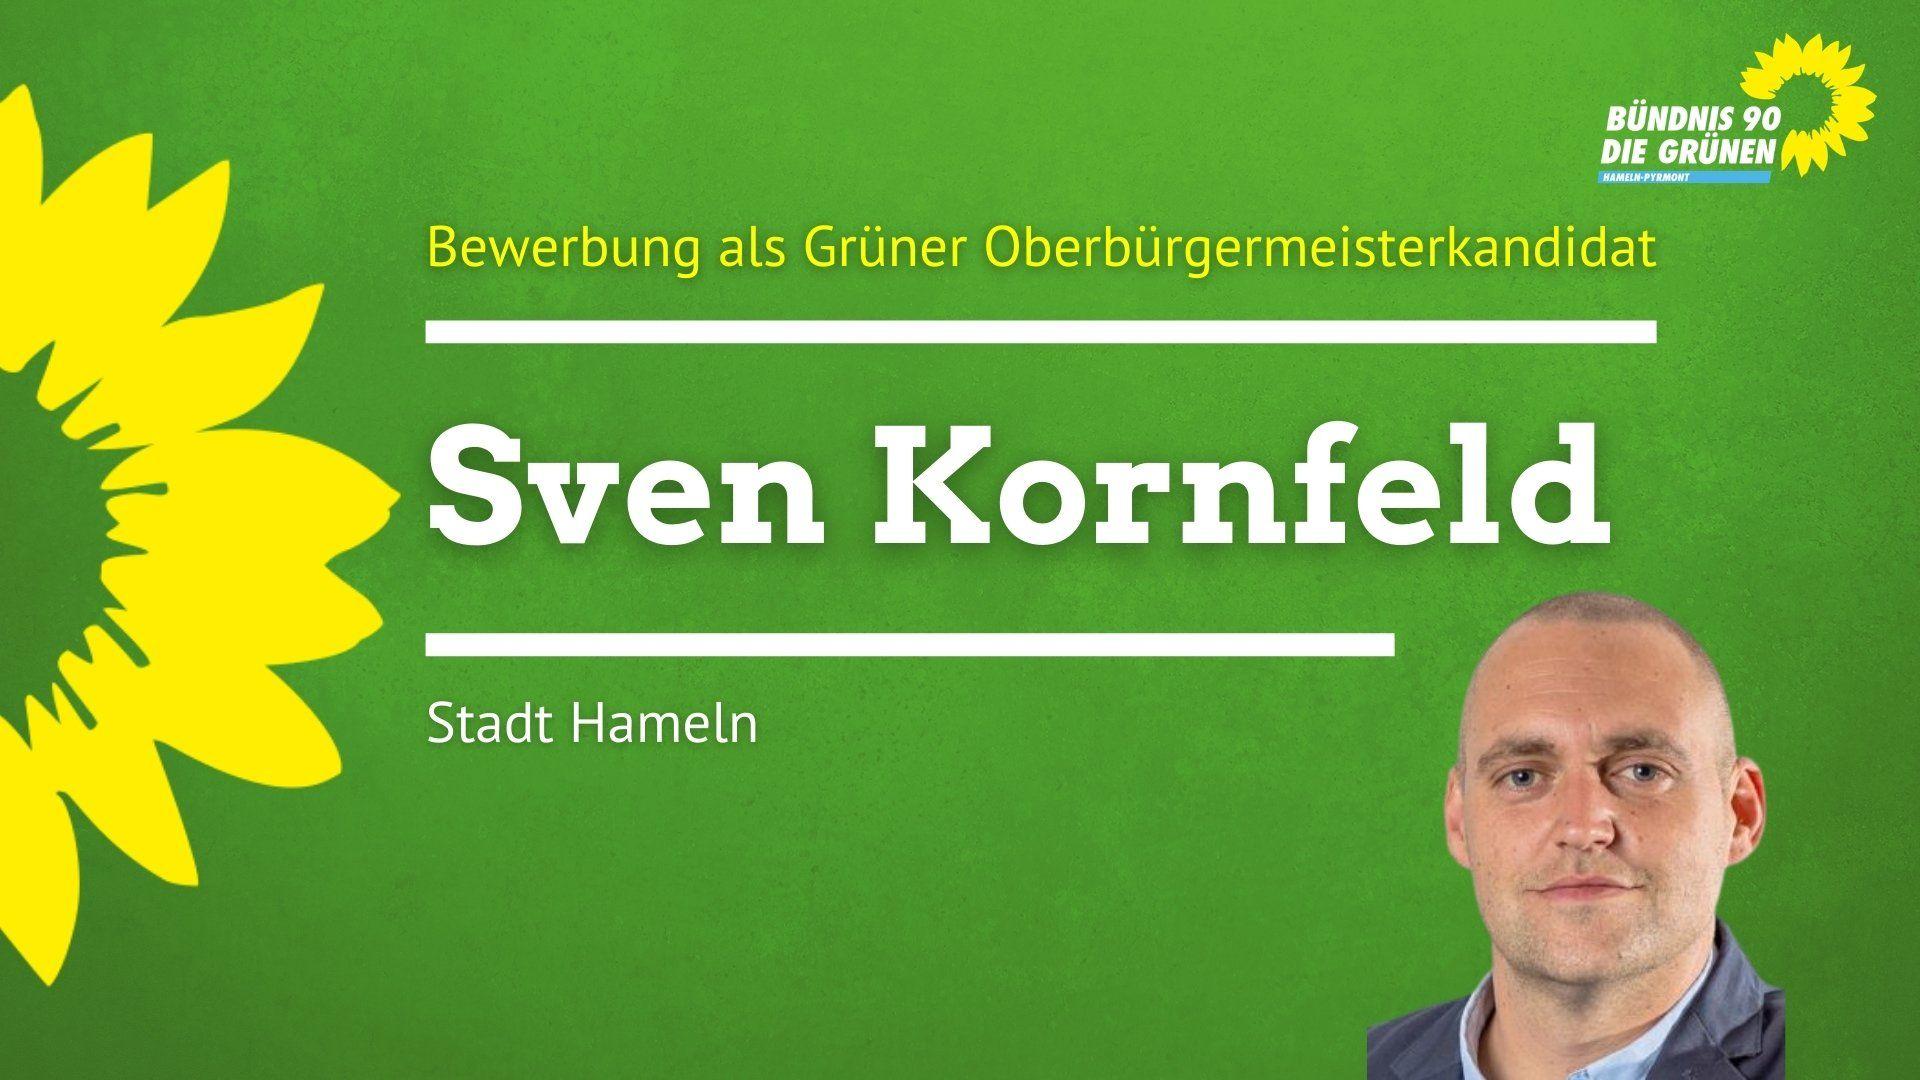 Grüne nominieren Sven Kornfeld für die Urnenwahl zum Oberbürgermeister-Kandidaten